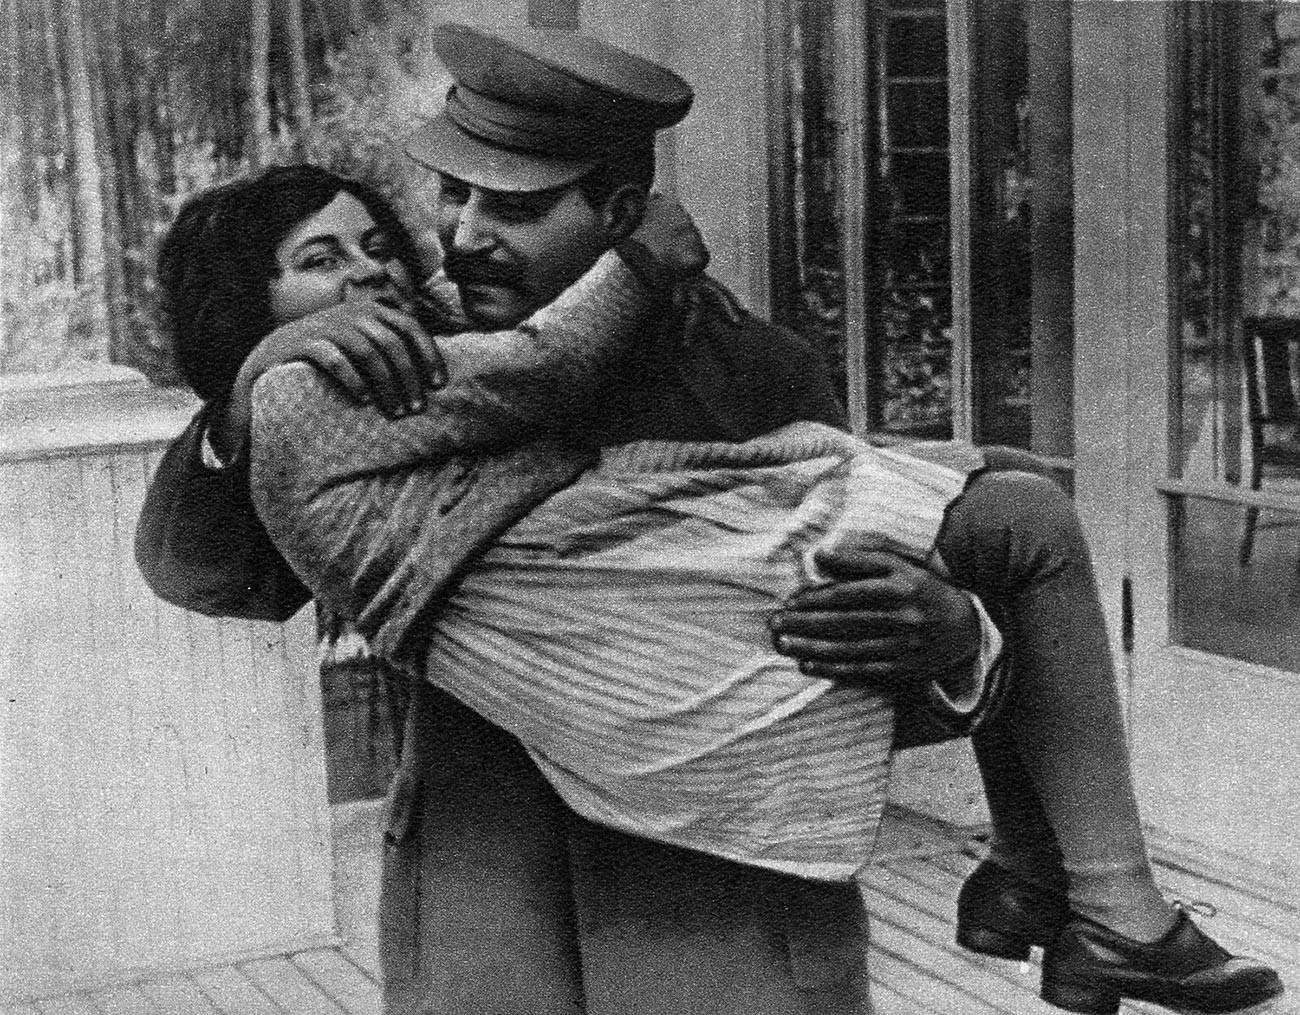 Јосиф Стаљин са ћерком Светланом, 1935.